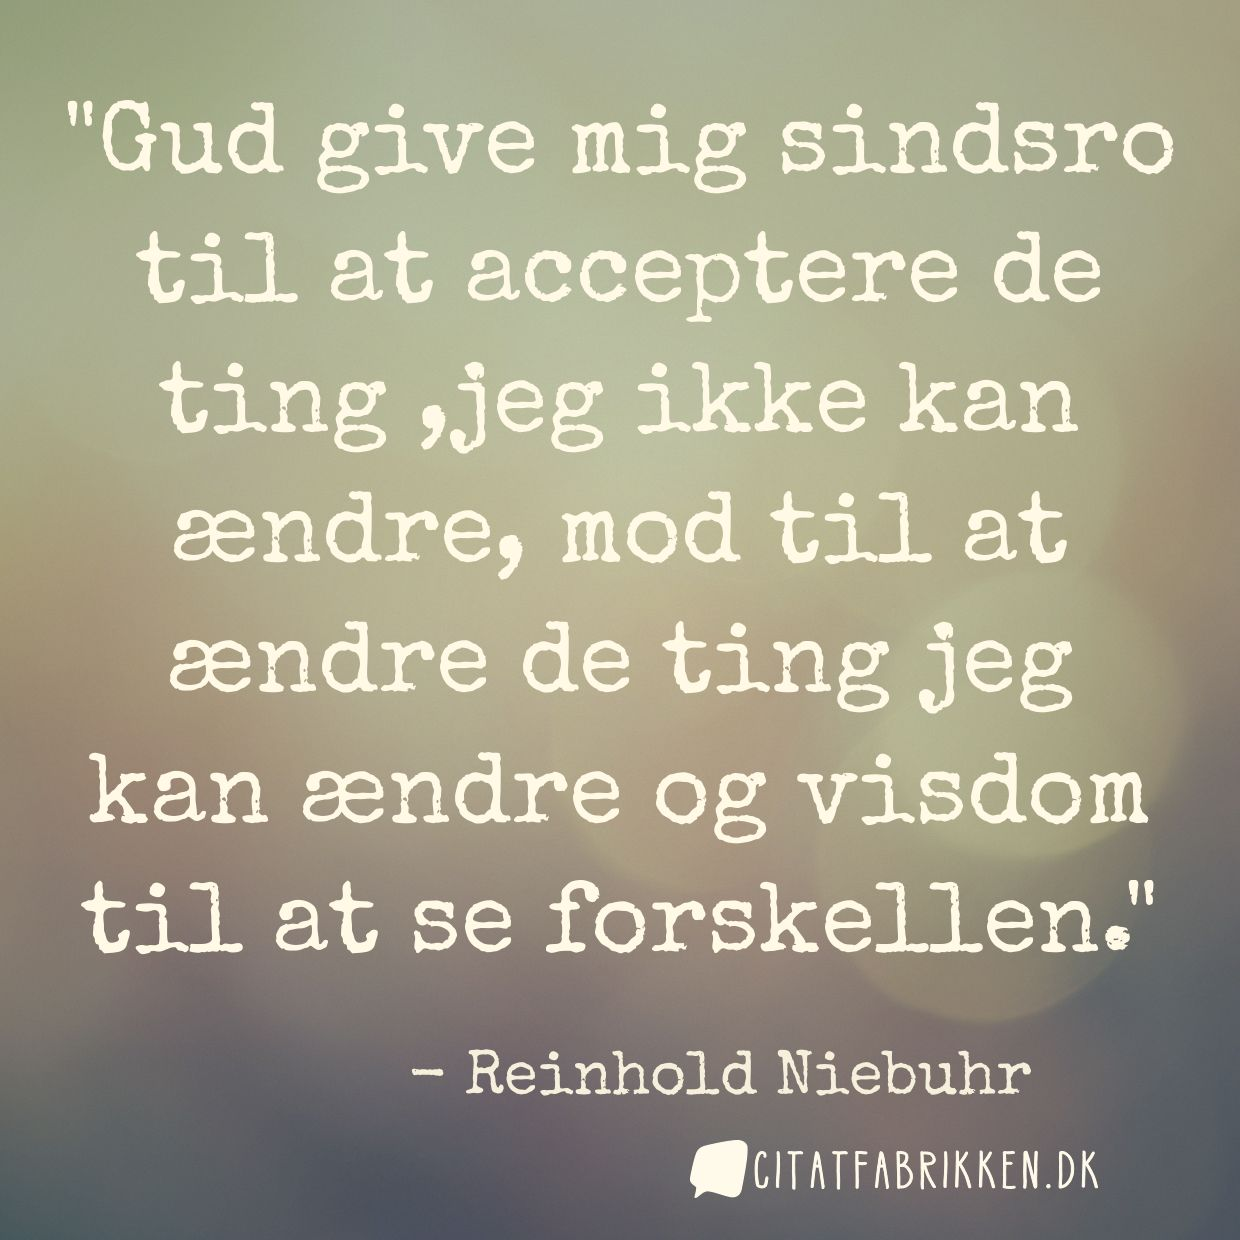 Gud give mig sindsro til at acceptere de ting ,jeg ikke kan ændre, mod til at ændre de ting jeg kan ændre og visdom til at se forskellen.